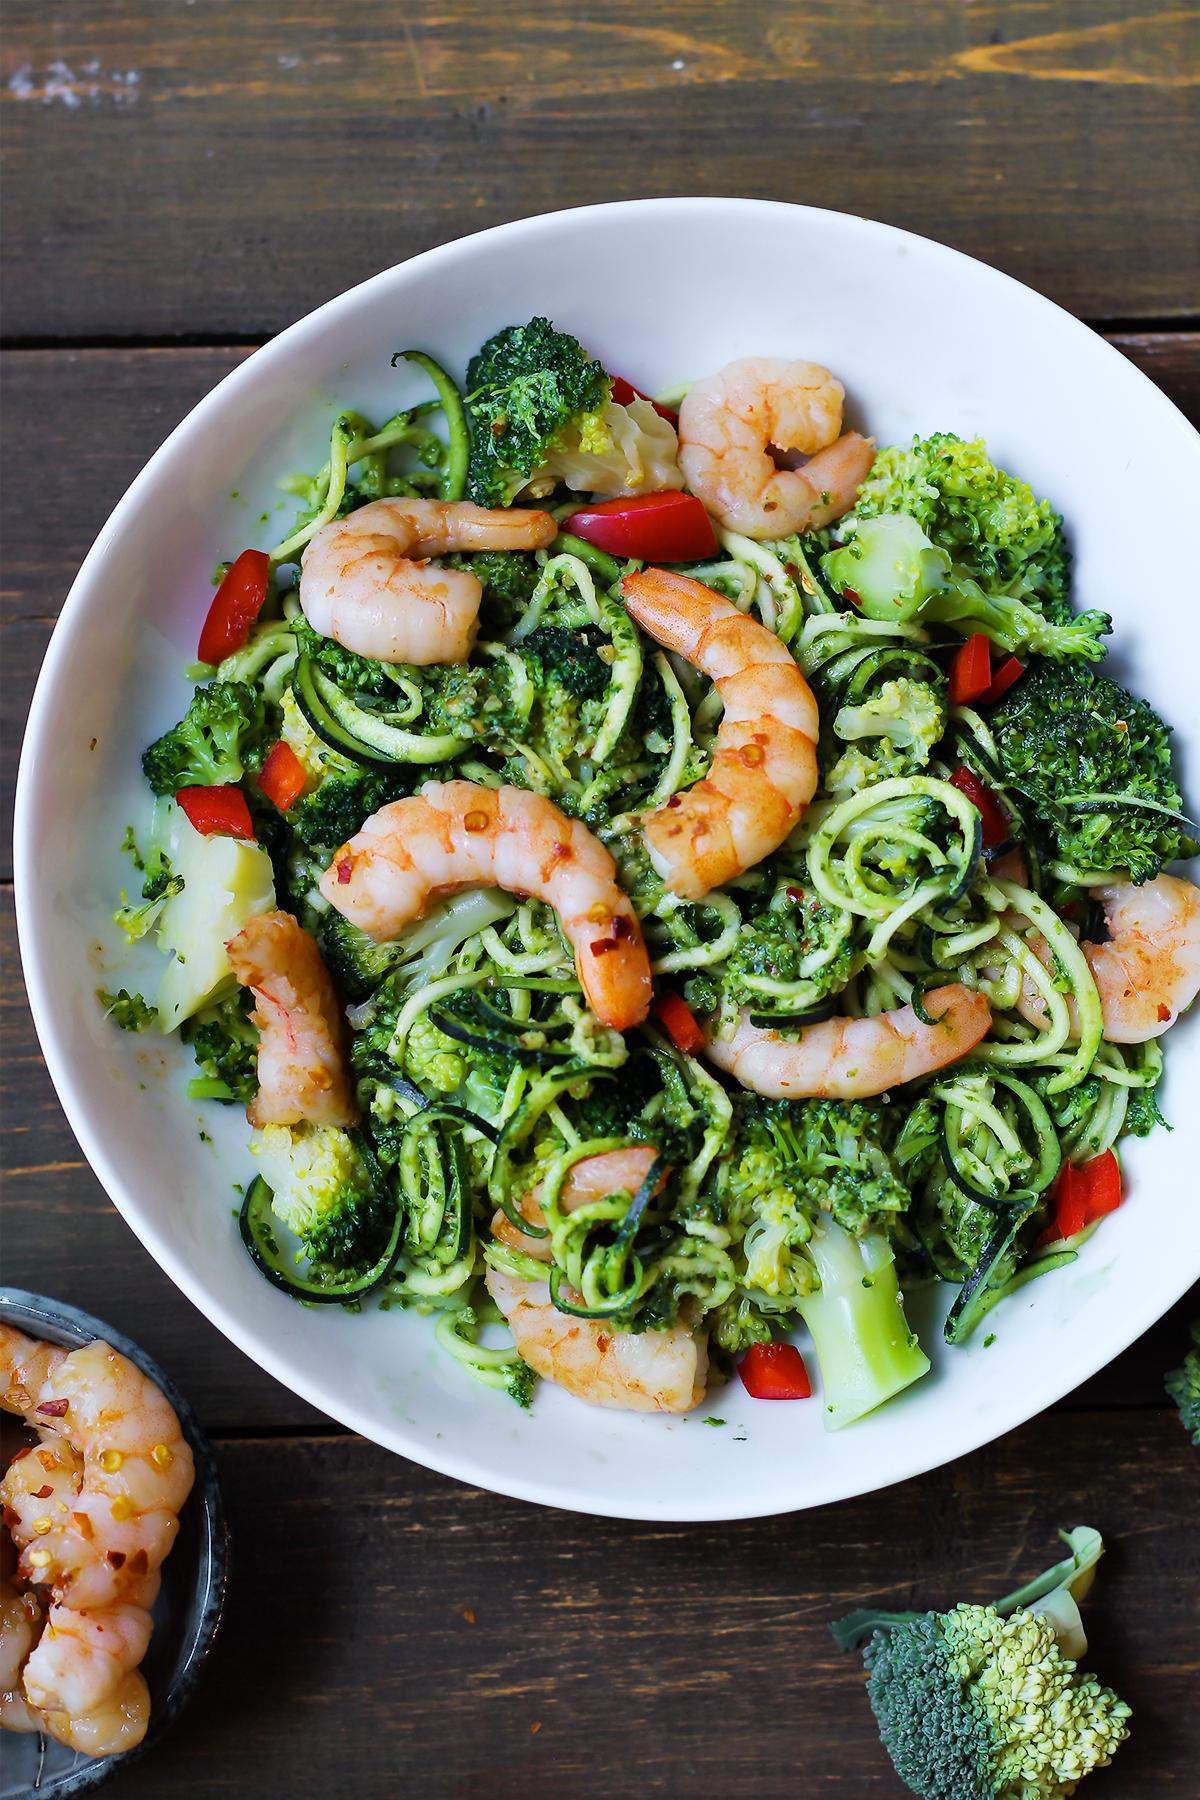 zdrowy obiad lowcarb